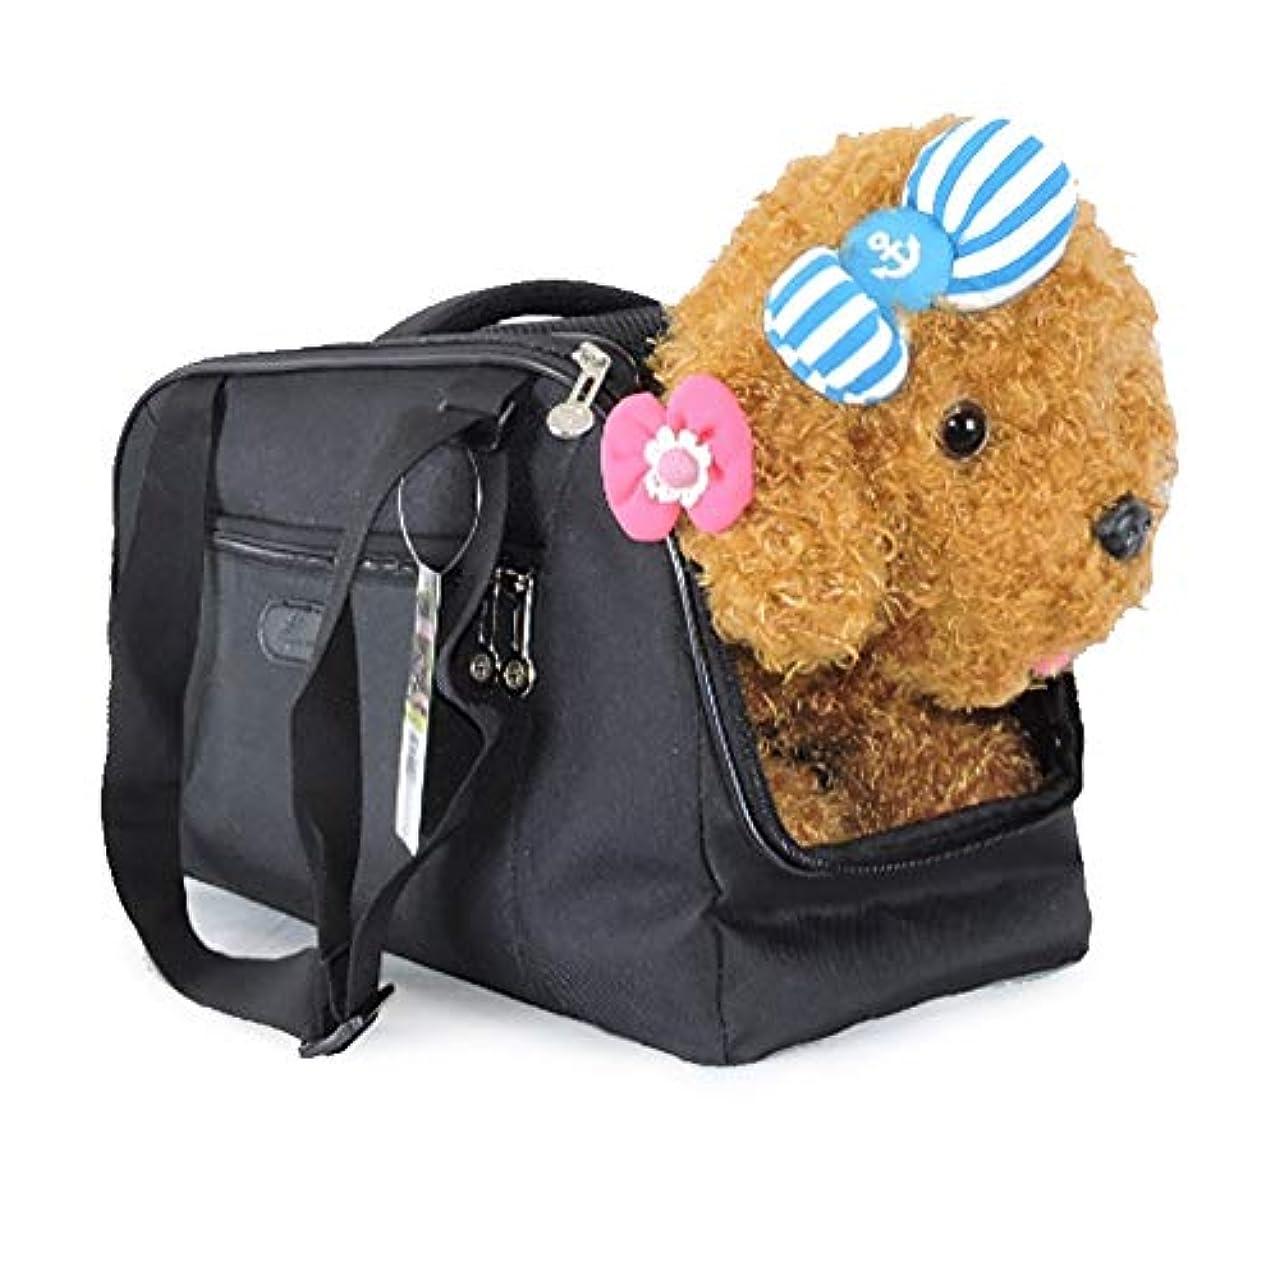 マッサージくま参加するHong Tai Yang ペットトラベルバッグ、ドッグバッグキャットバッグ、ペットアウト装置、通気性、折りたたみ式、安全、マルチカラー、軽量、安全バックル、収納バッグ、携帯用、ファッションハンドバッグ ** (色 : 黒, サイズ さいず : S s)